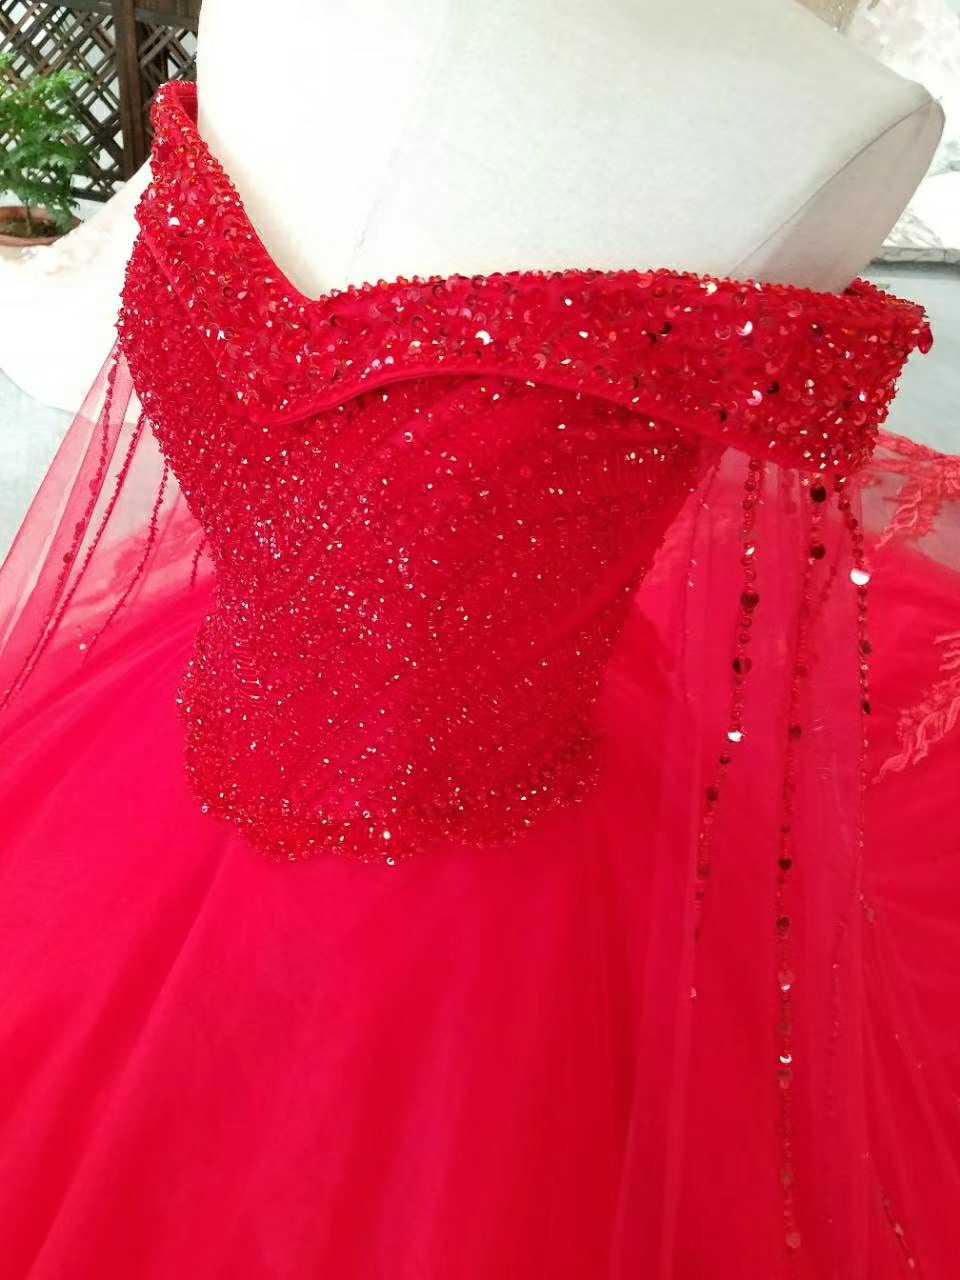 Ny Arrival Elegant A-Line Spets Sequins Bröllopsklänning 2017 - Bröllopsklänningar - Foto 6